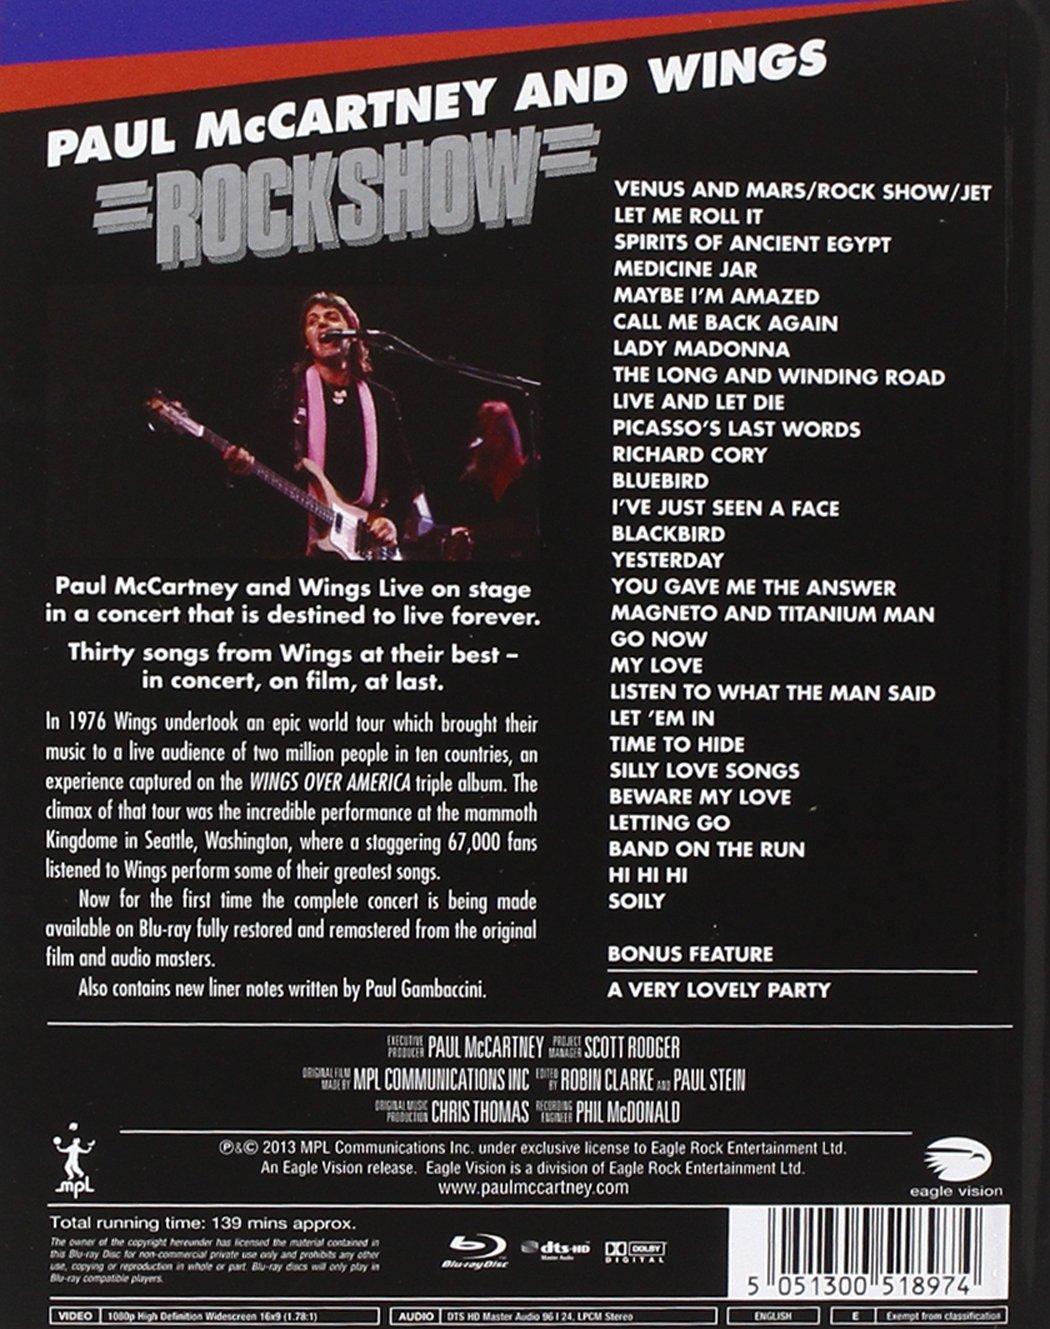 Paul McCartney And Wings: Rockshow [Blu-ray]: Amazon.es: McCartney, Paul, Wings, McCartney, Paul, Wings: Cine y Series TV